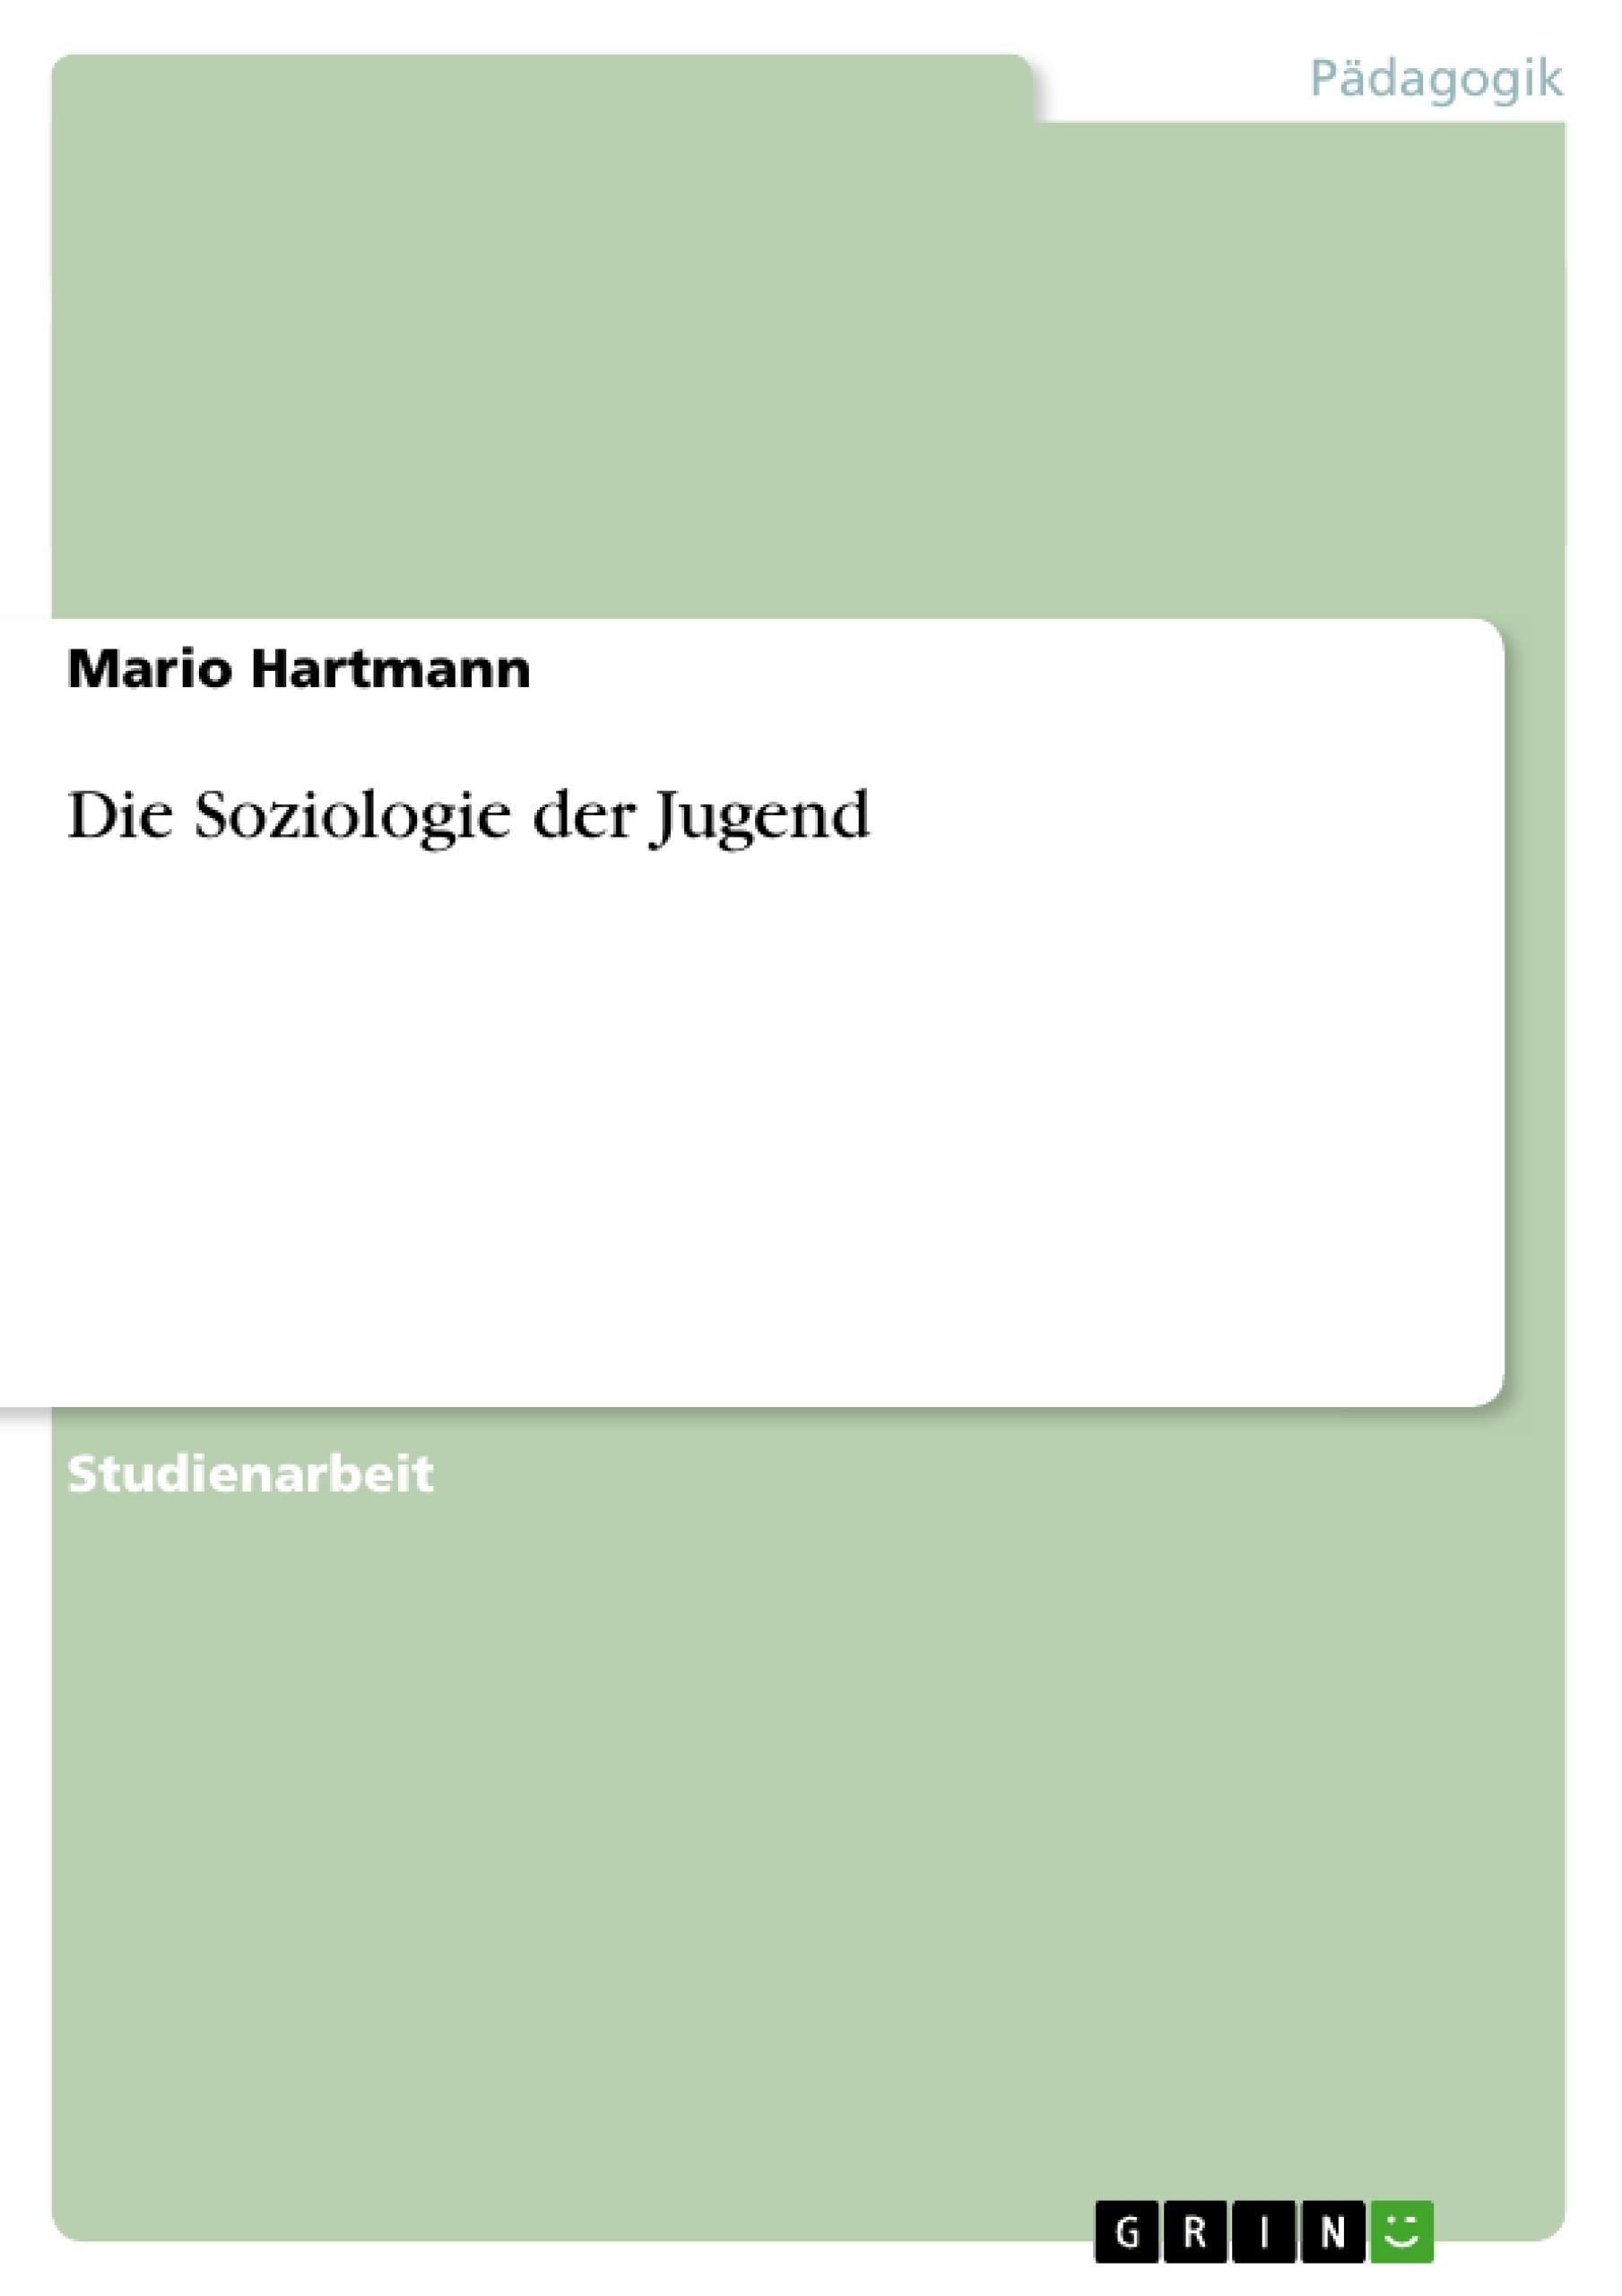 Die Soziologie der Jugend | Masterarbeit, Hausarbeit, Bachelorarbeit ...